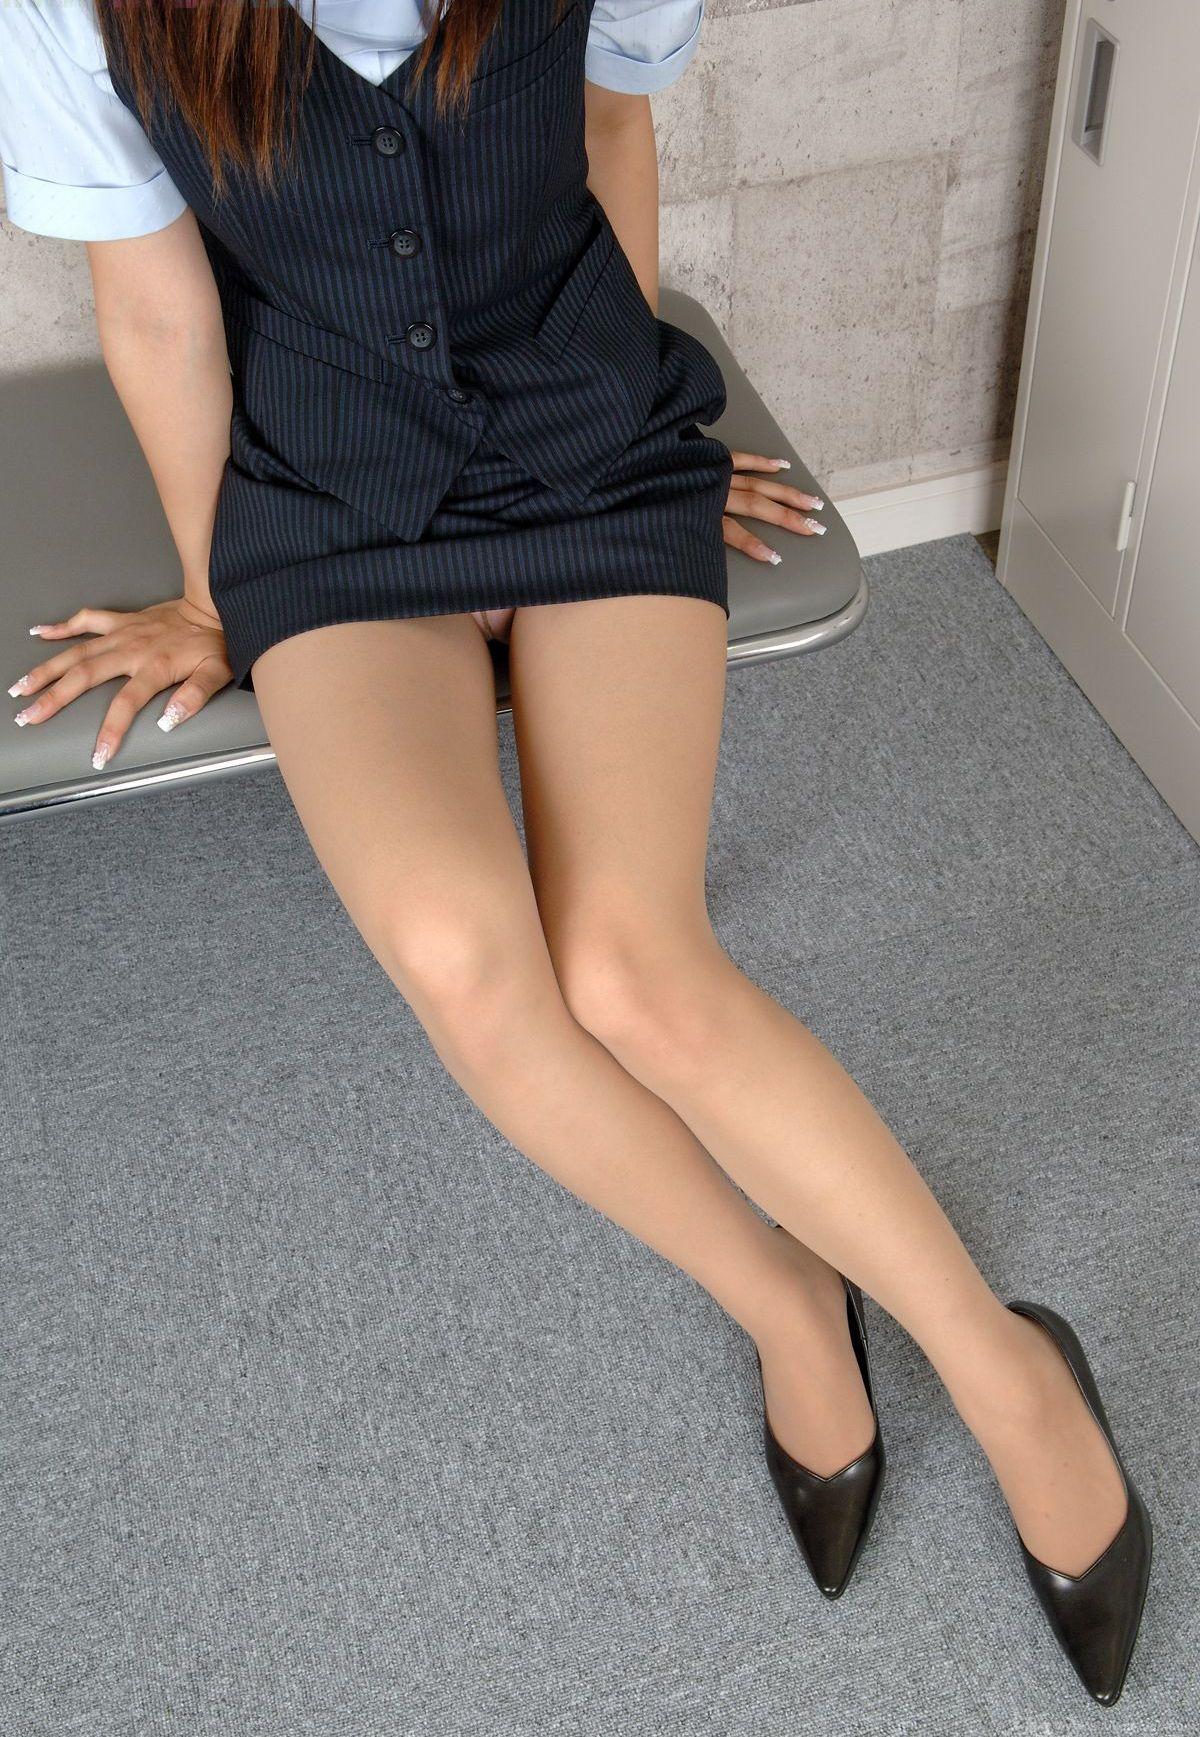 パンストやハイヒールの似合う綺麗な脚の美脚エロ画像 19